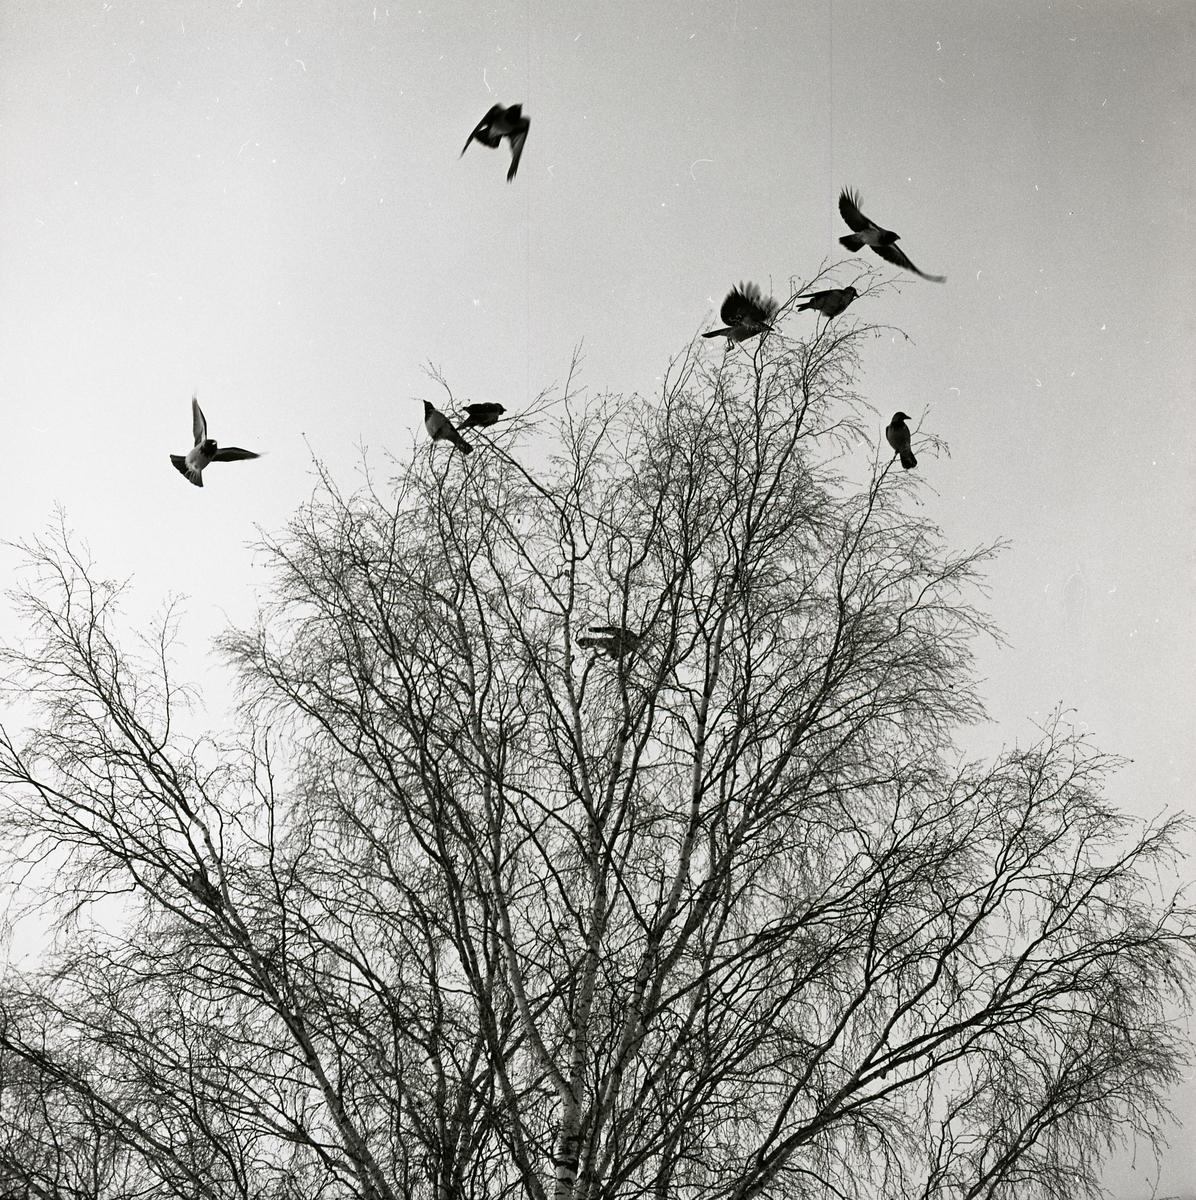 Ett flertal kråkor flyger från en björk i Flästa den 11 februari 1970.